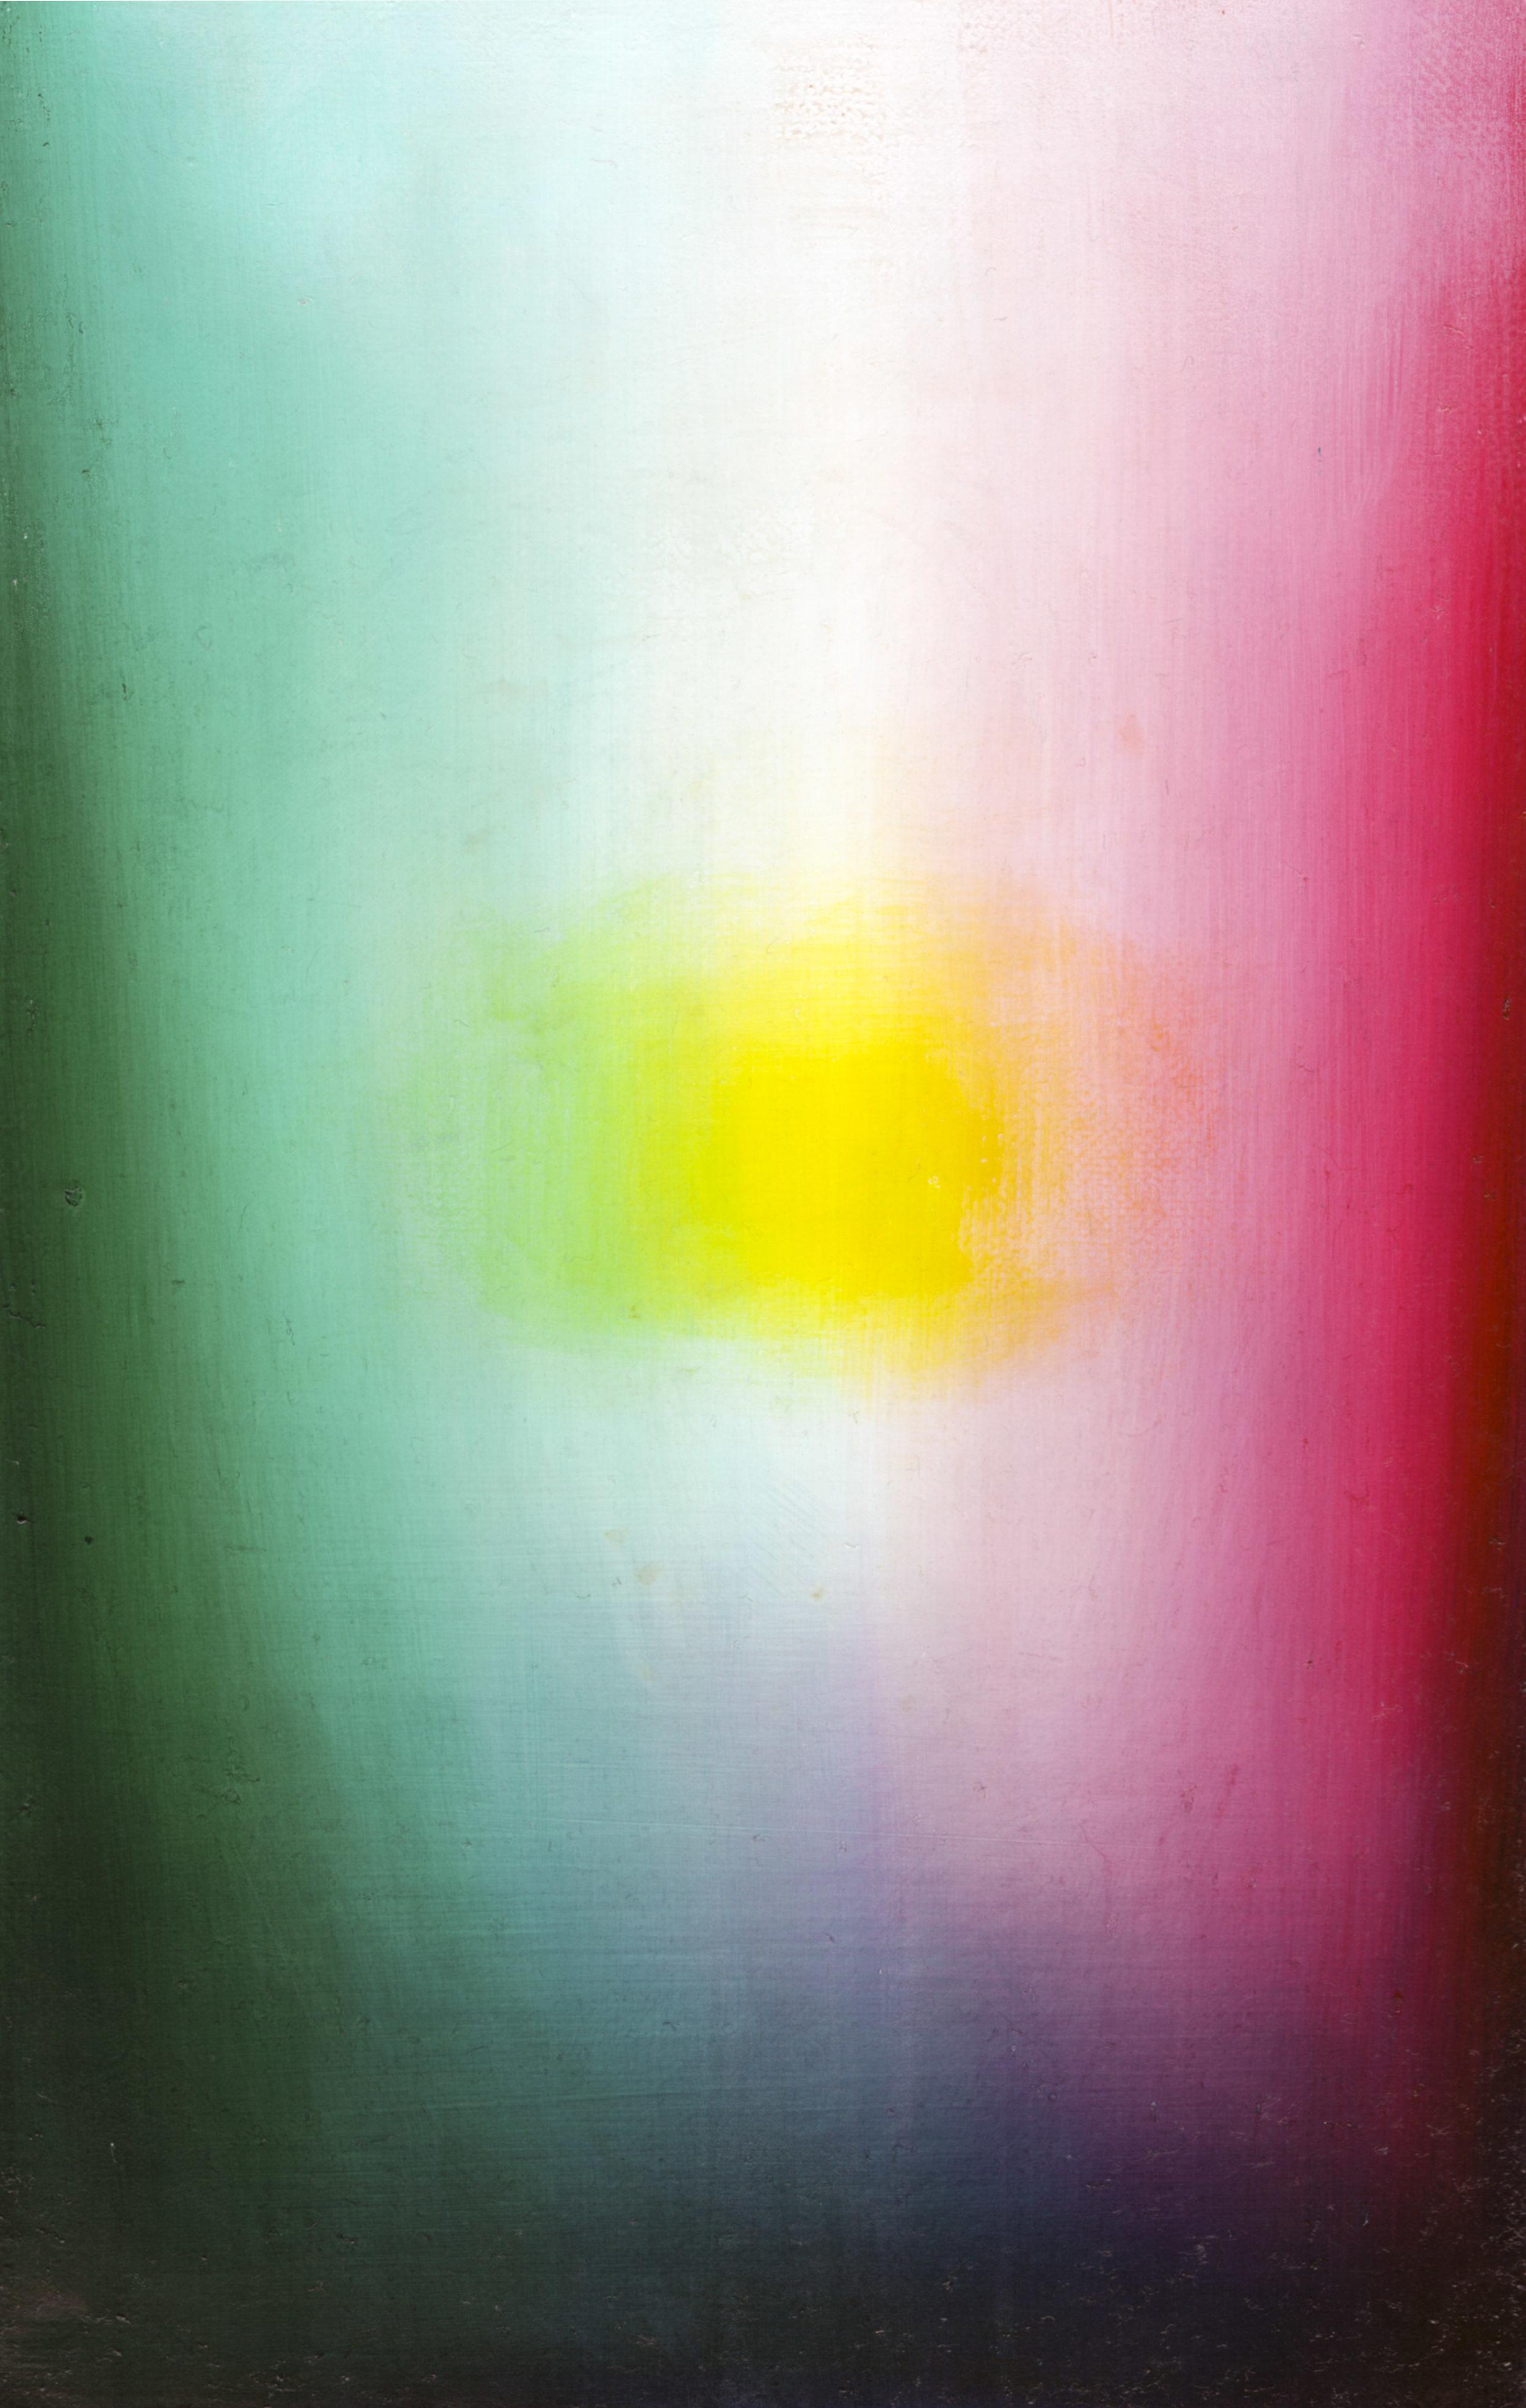 光2號 Light 2  30 x 19 cm 油彩畫布 Oil on Canvas 2017